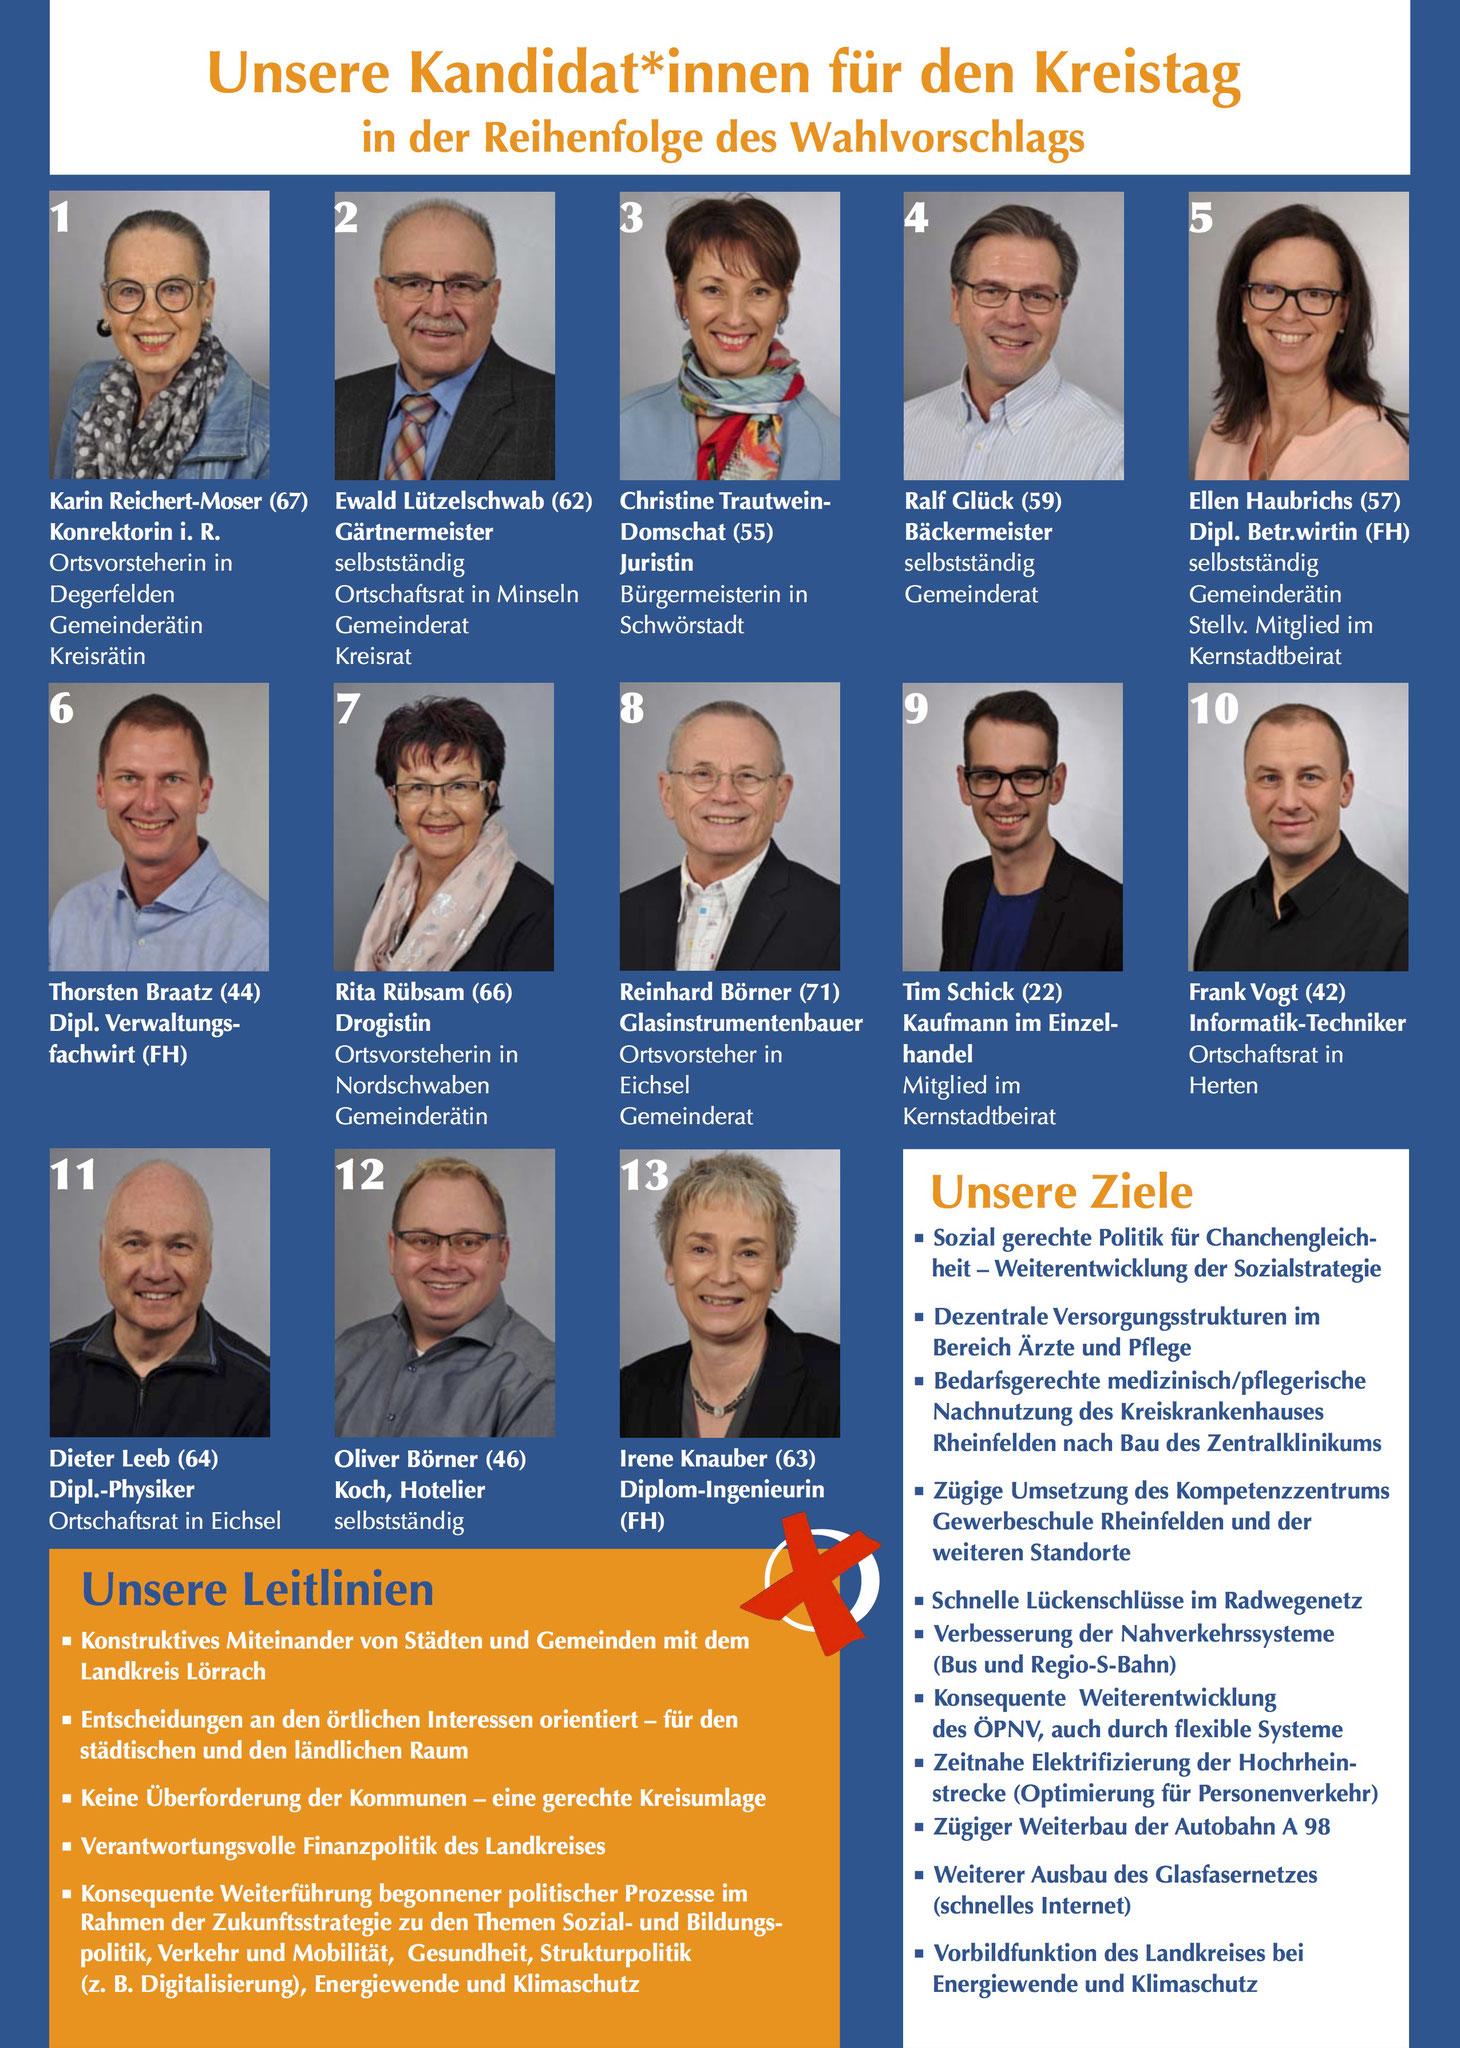 Wahlflyer Kreistag, DIN A 4, Rückseite mit den Kandidaten